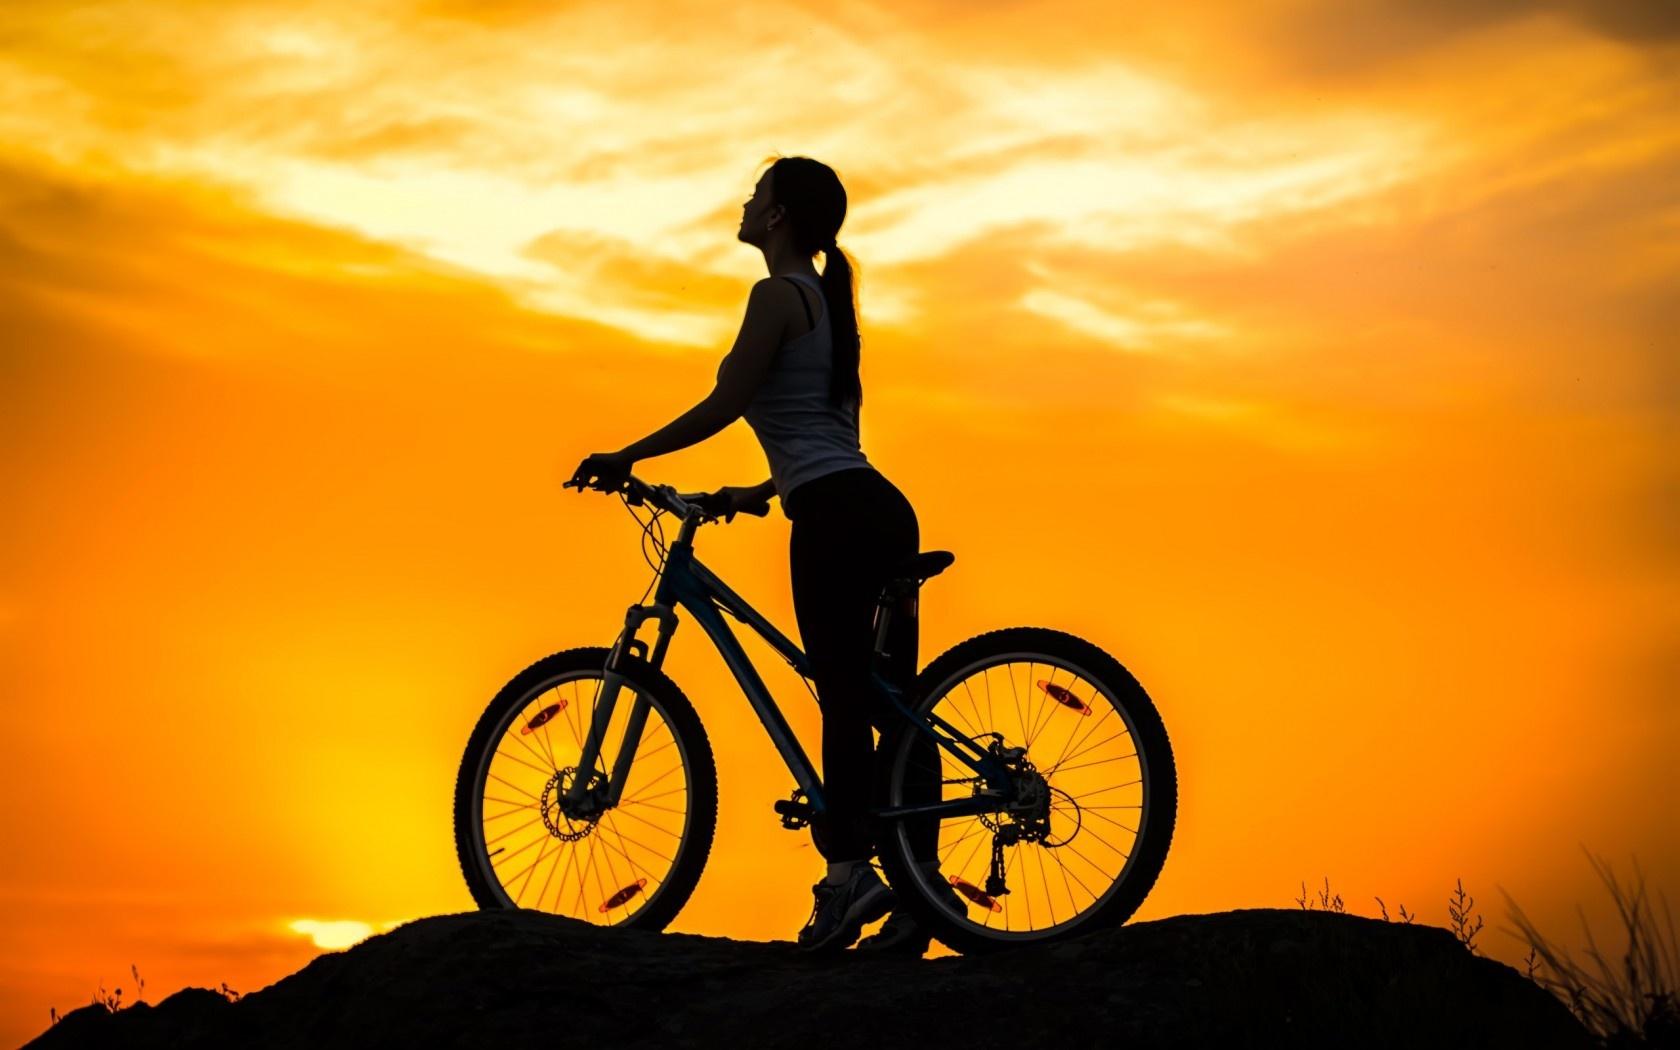 cycling-wallpaper-14.jpg